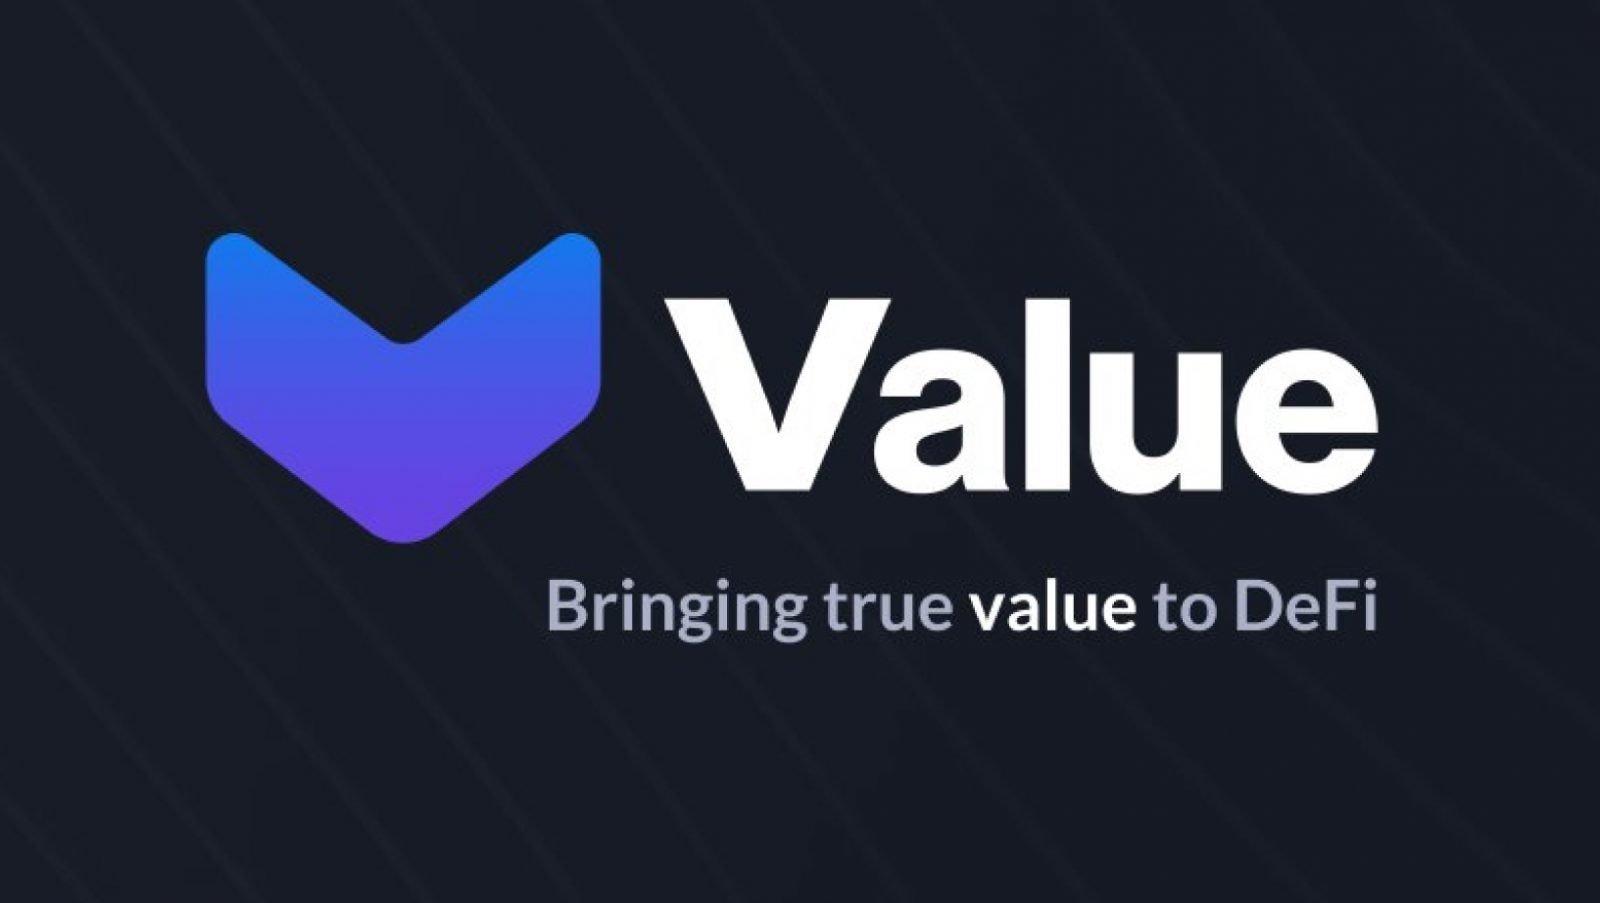 Value 攻擊解析:爲套 740 萬美元,黑客貸了 1.5 億美元